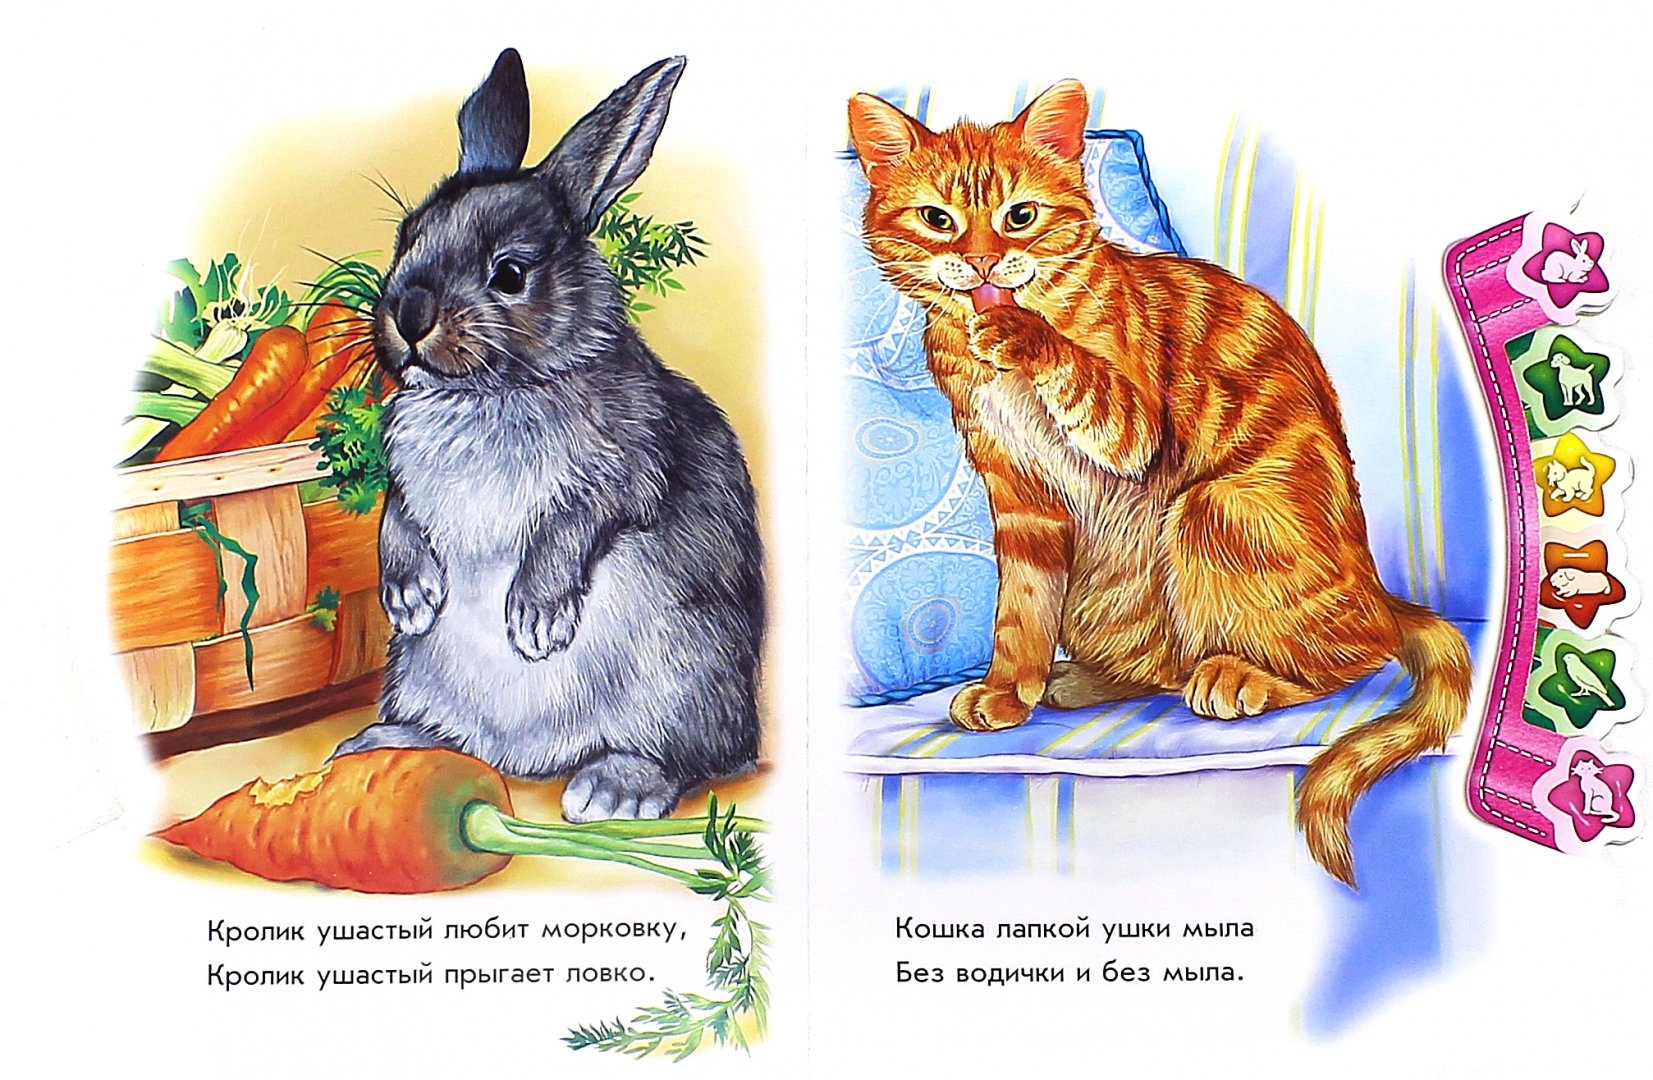 Иллюстрация 1 из 13 для В доме. Мир зверей для малышей - Олеся Квитка | Лабиринт - книги. Источник: Лабиринт